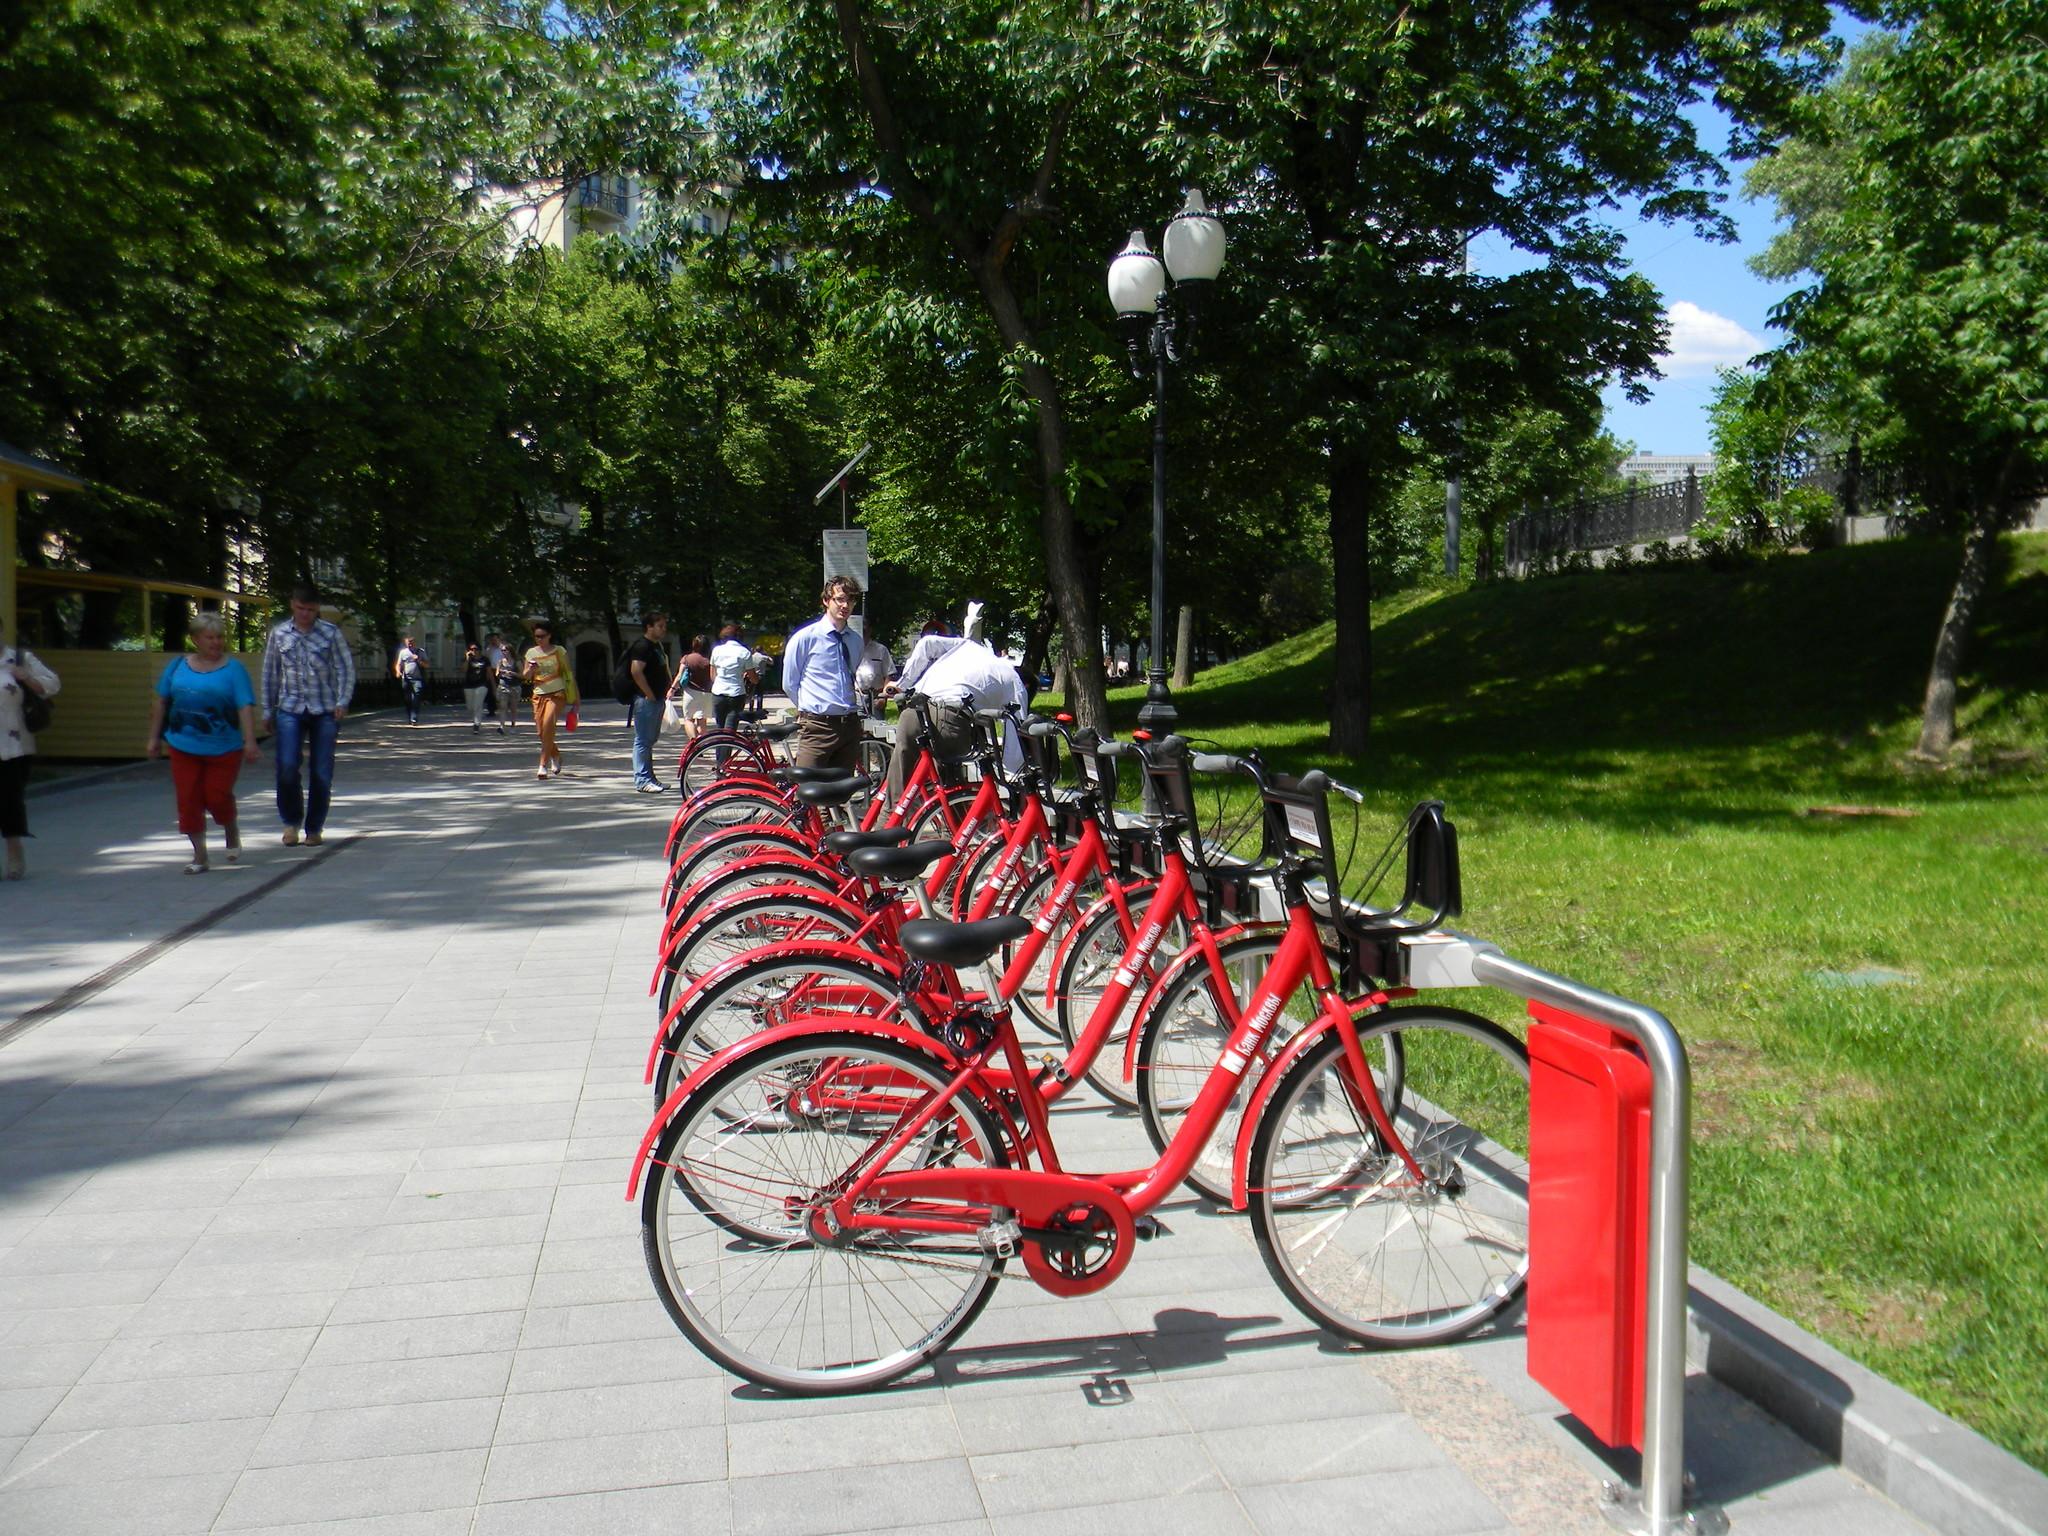 Велопарковка на Гоголевском бульваре (3 июня 2013 года)